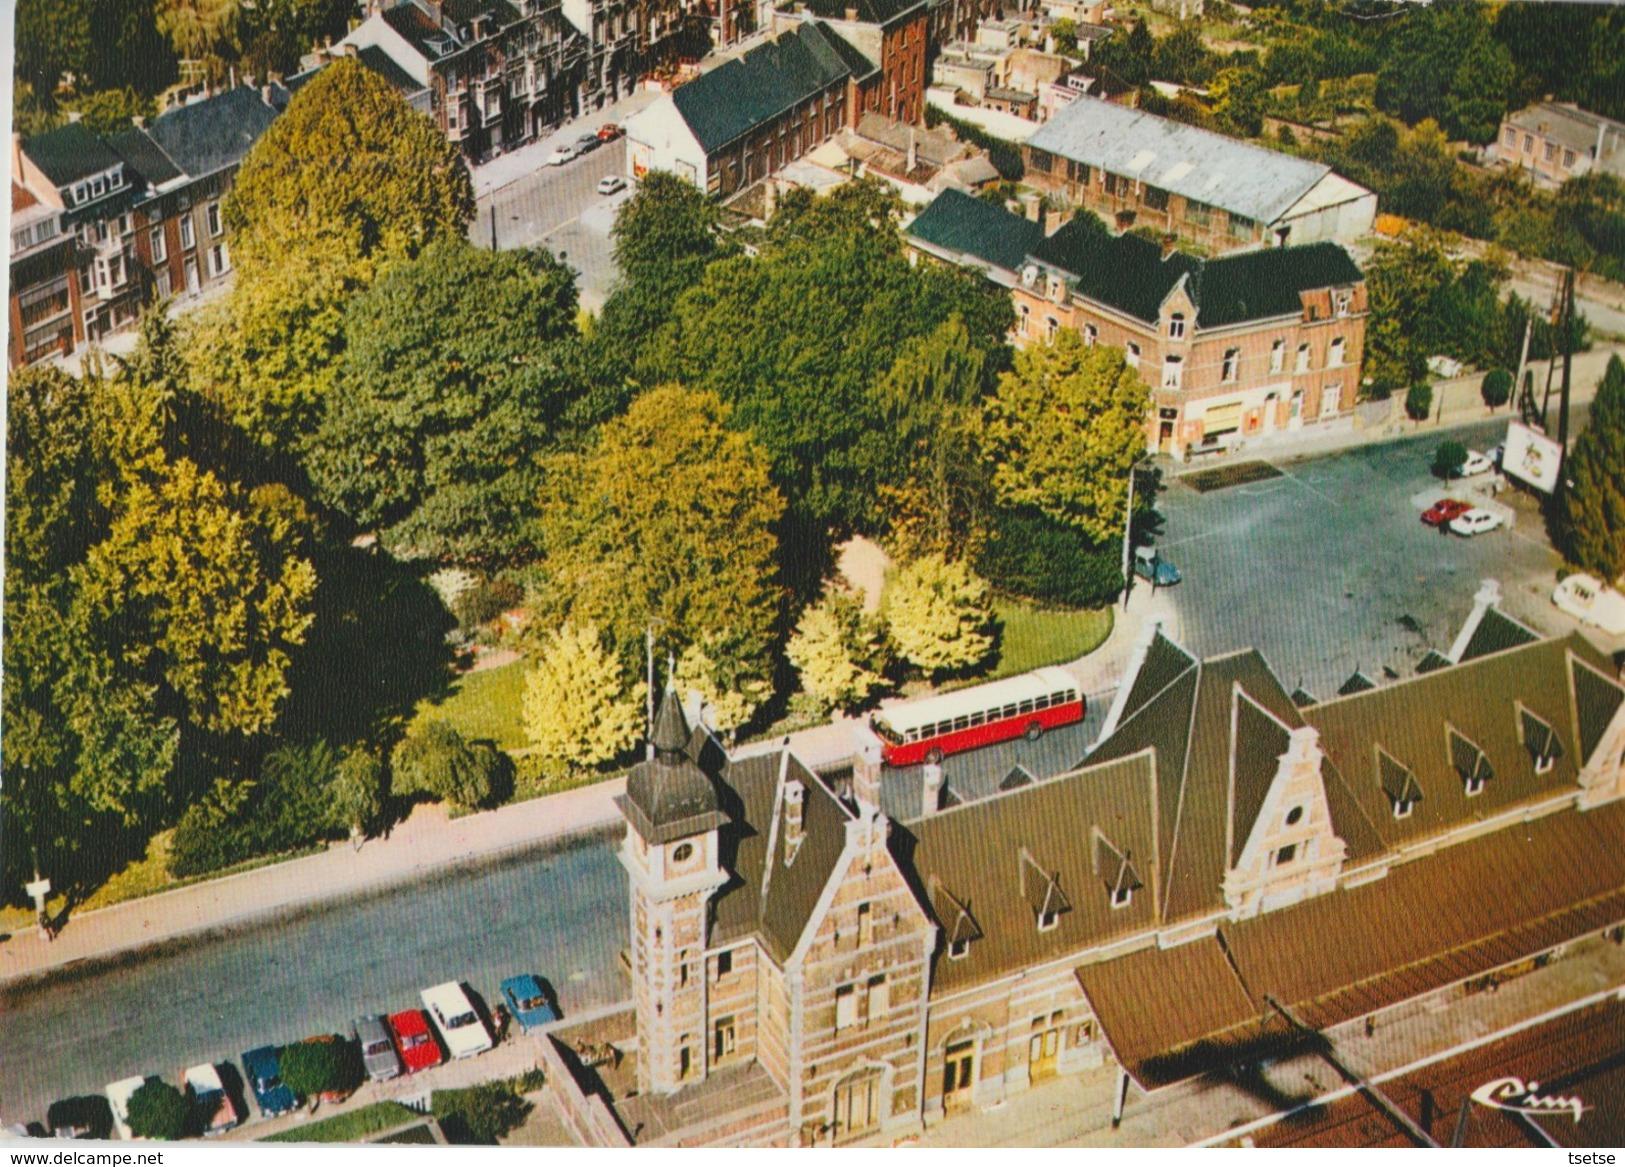 Soignies - Jolie Vue Aérienne Du Quartier De La Gare - 1980 - Soignies